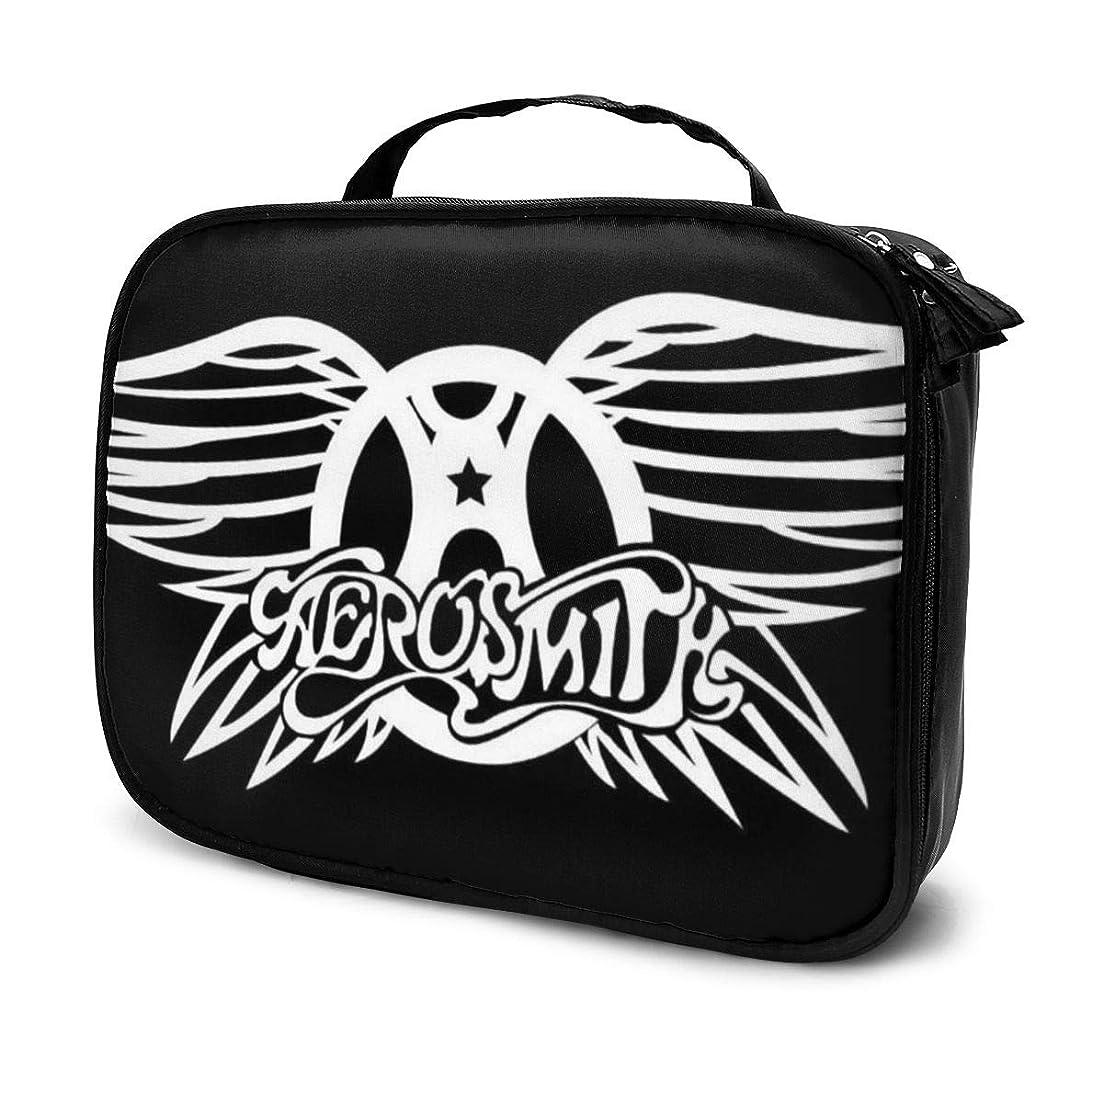 水曜日生息地不確実化粧ポーチ Aerosmith 女性化粧品バッグ ビューティー メイク道具 フェイスケアツール 化粧ポーチメイクボックス ホーム、旅行、ショッピング、ショッピング